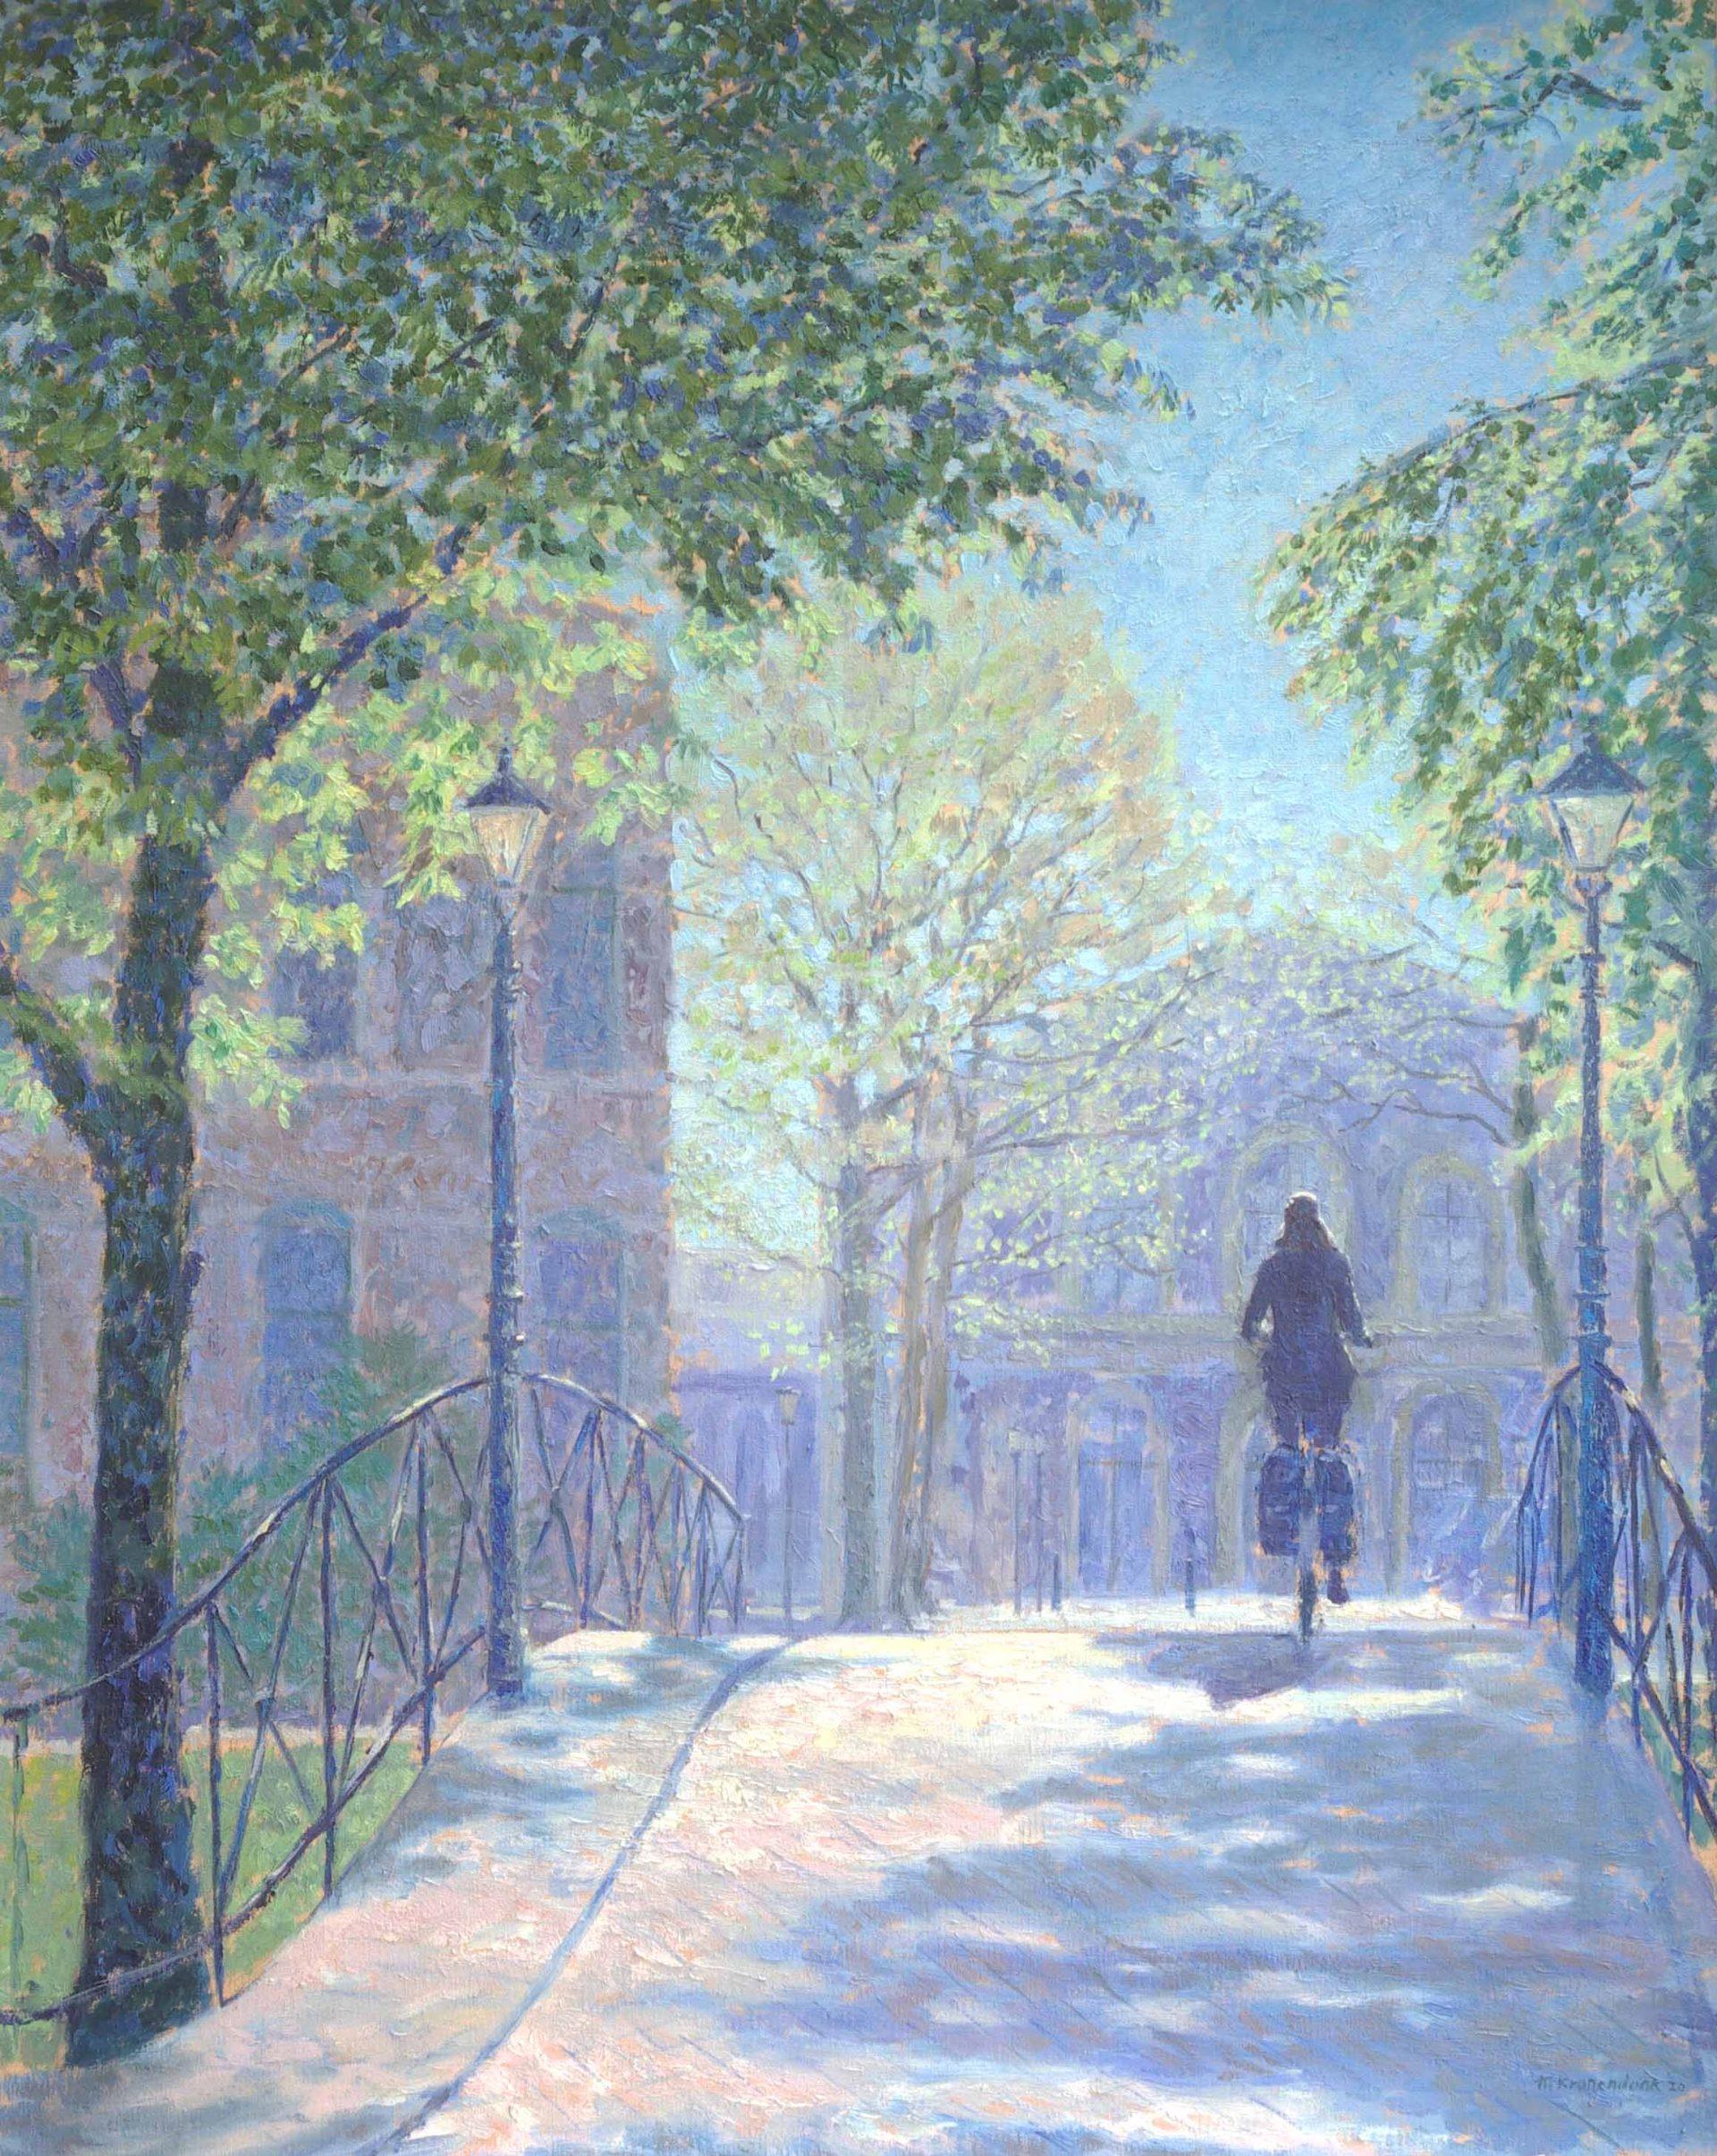 Olieverfschilderij opdracht vrouw fietsend over brug bij Spoorwegmuseum zonlicht.Impressionistisch,pointilistisch,stadsgezicht